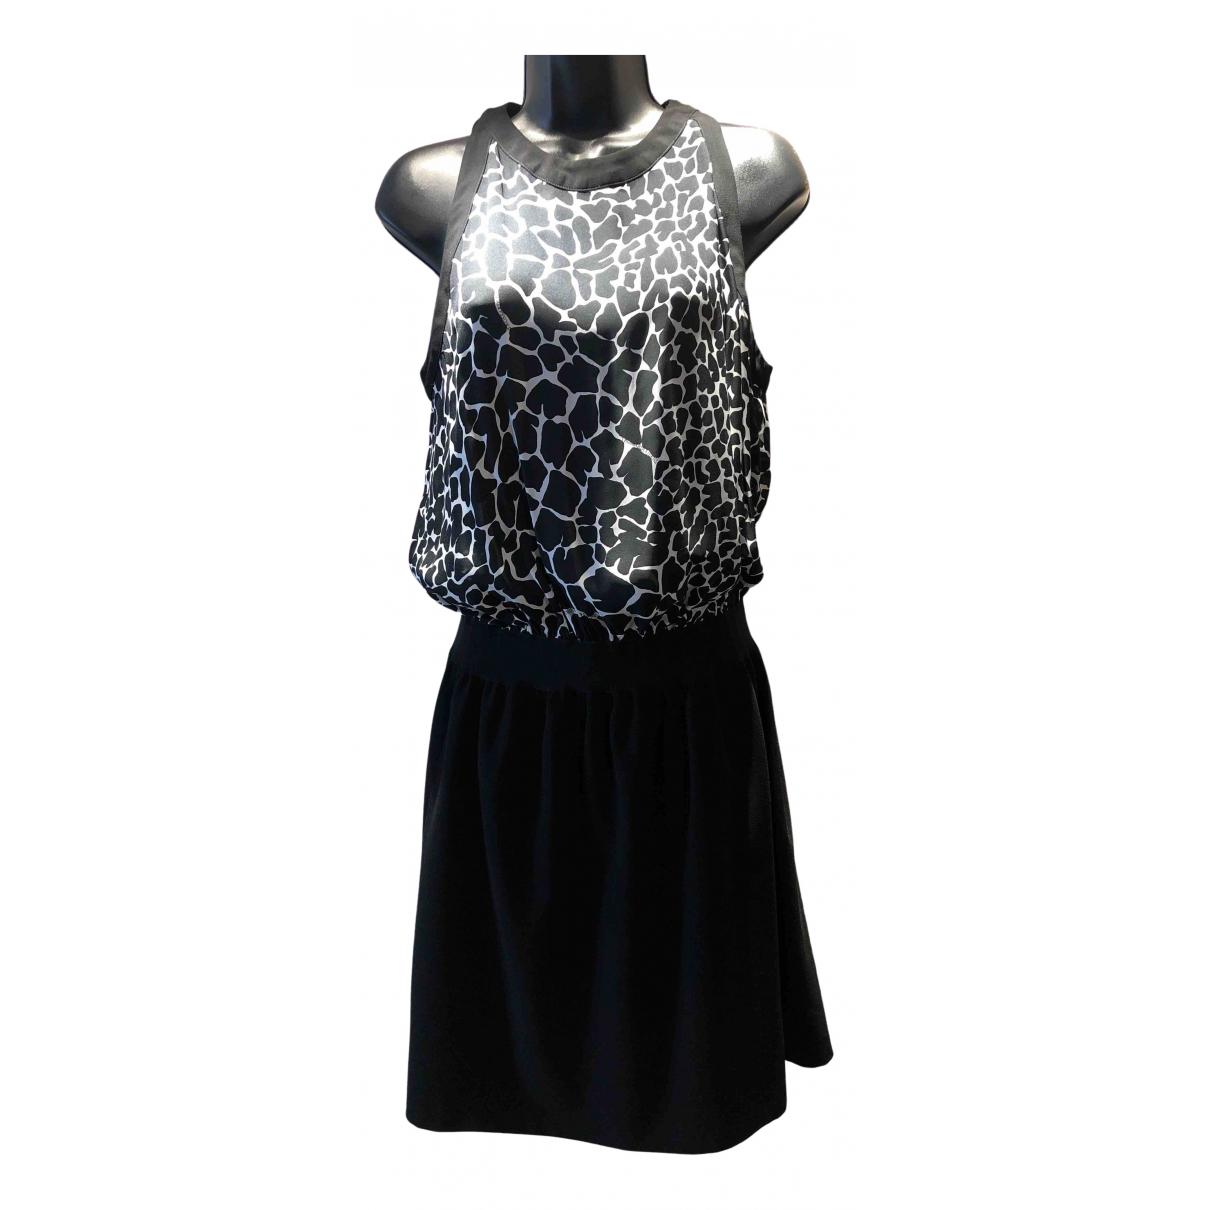 Trussardi Jeans \N Kleid in  Schwarz Polyester